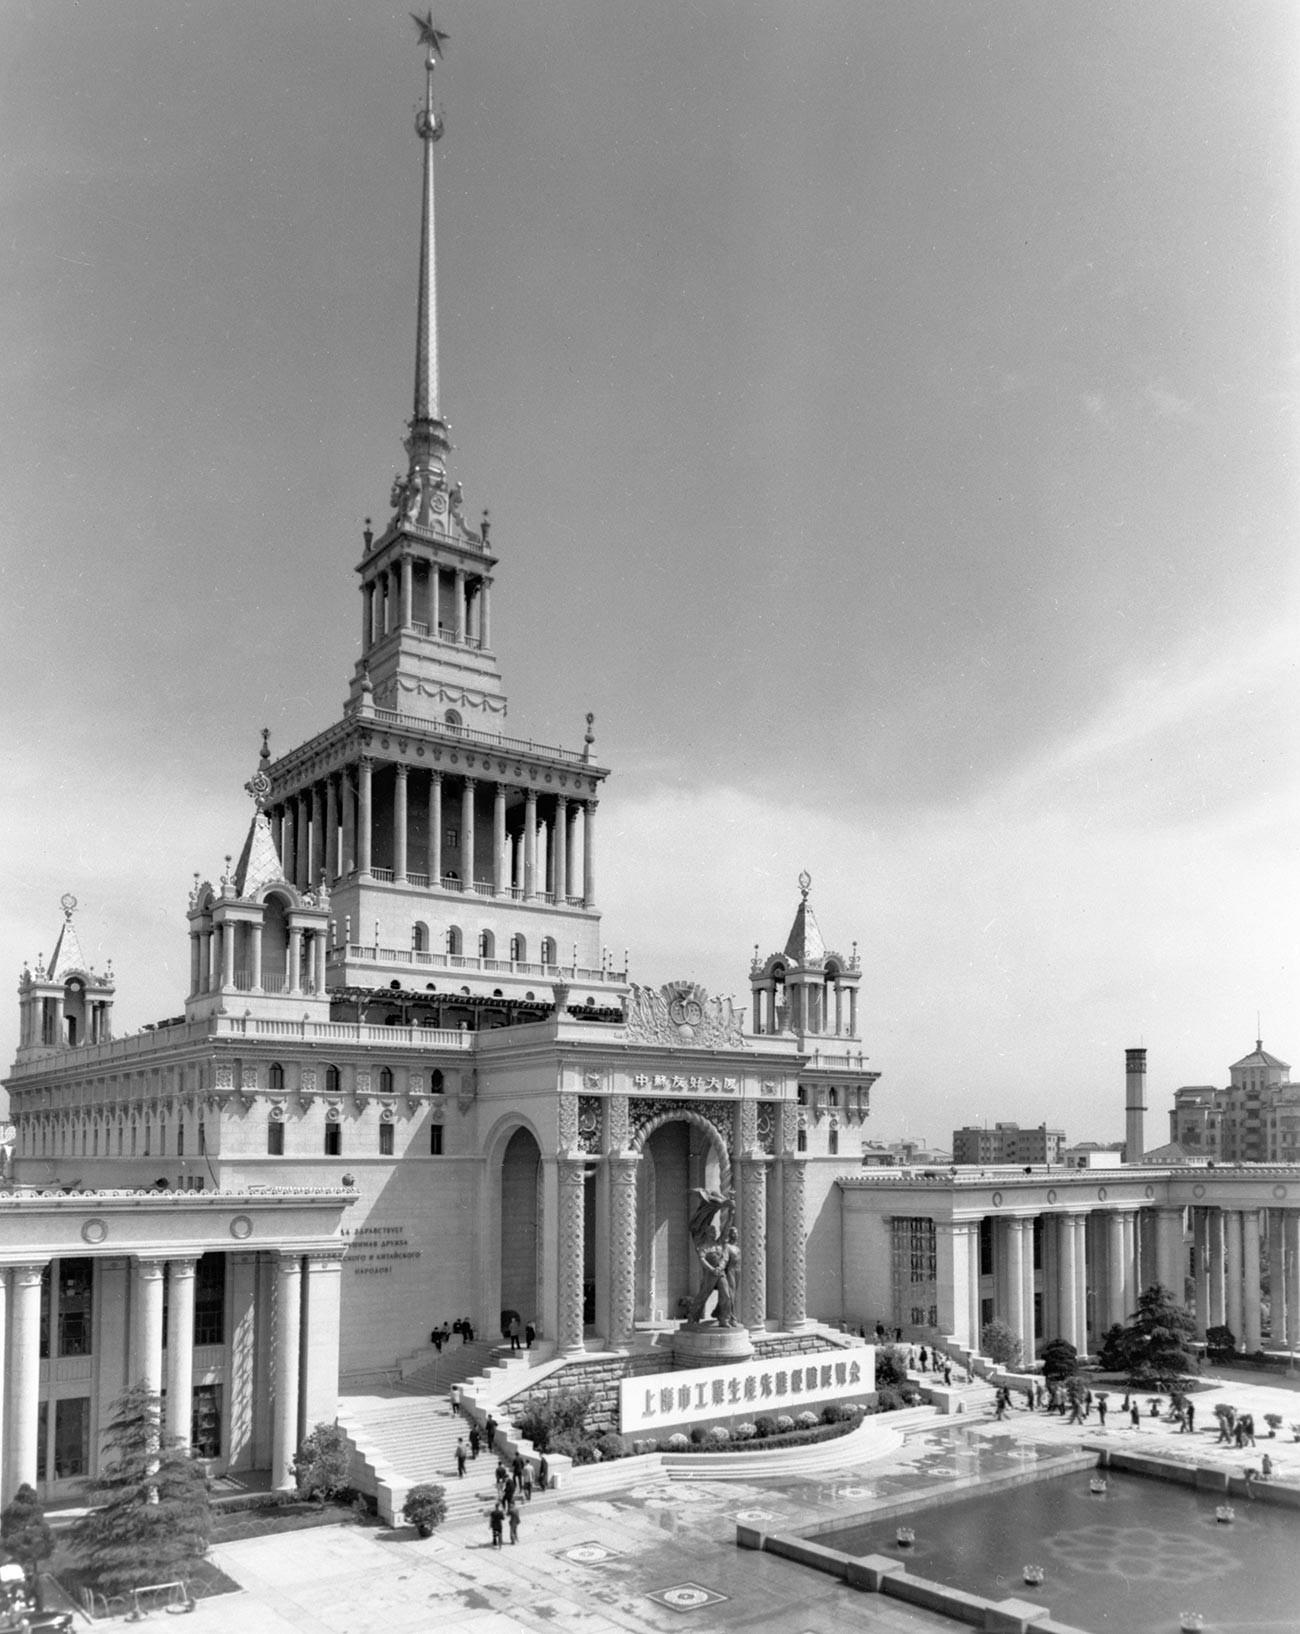 The Sino-Soviet Friendship Mansion in 1956.